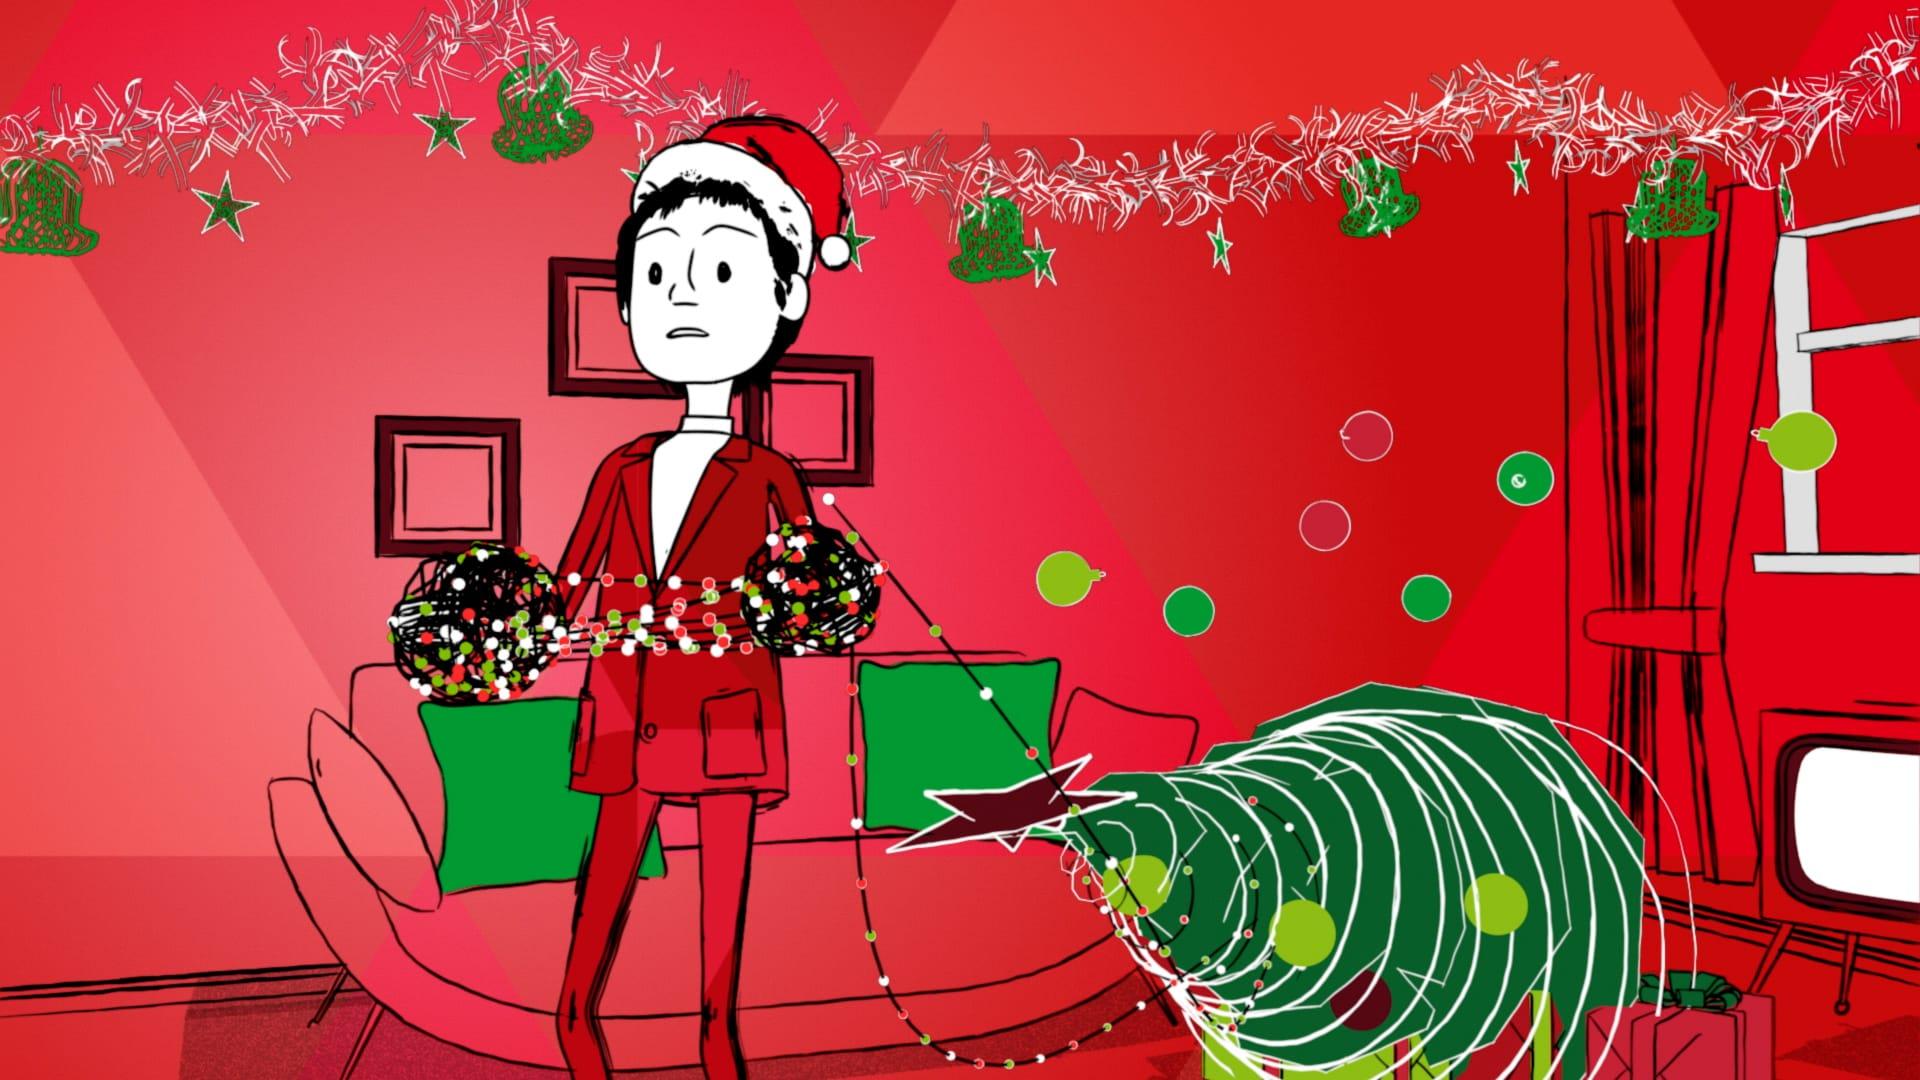 Spar 12 Deals of Christmas 2021